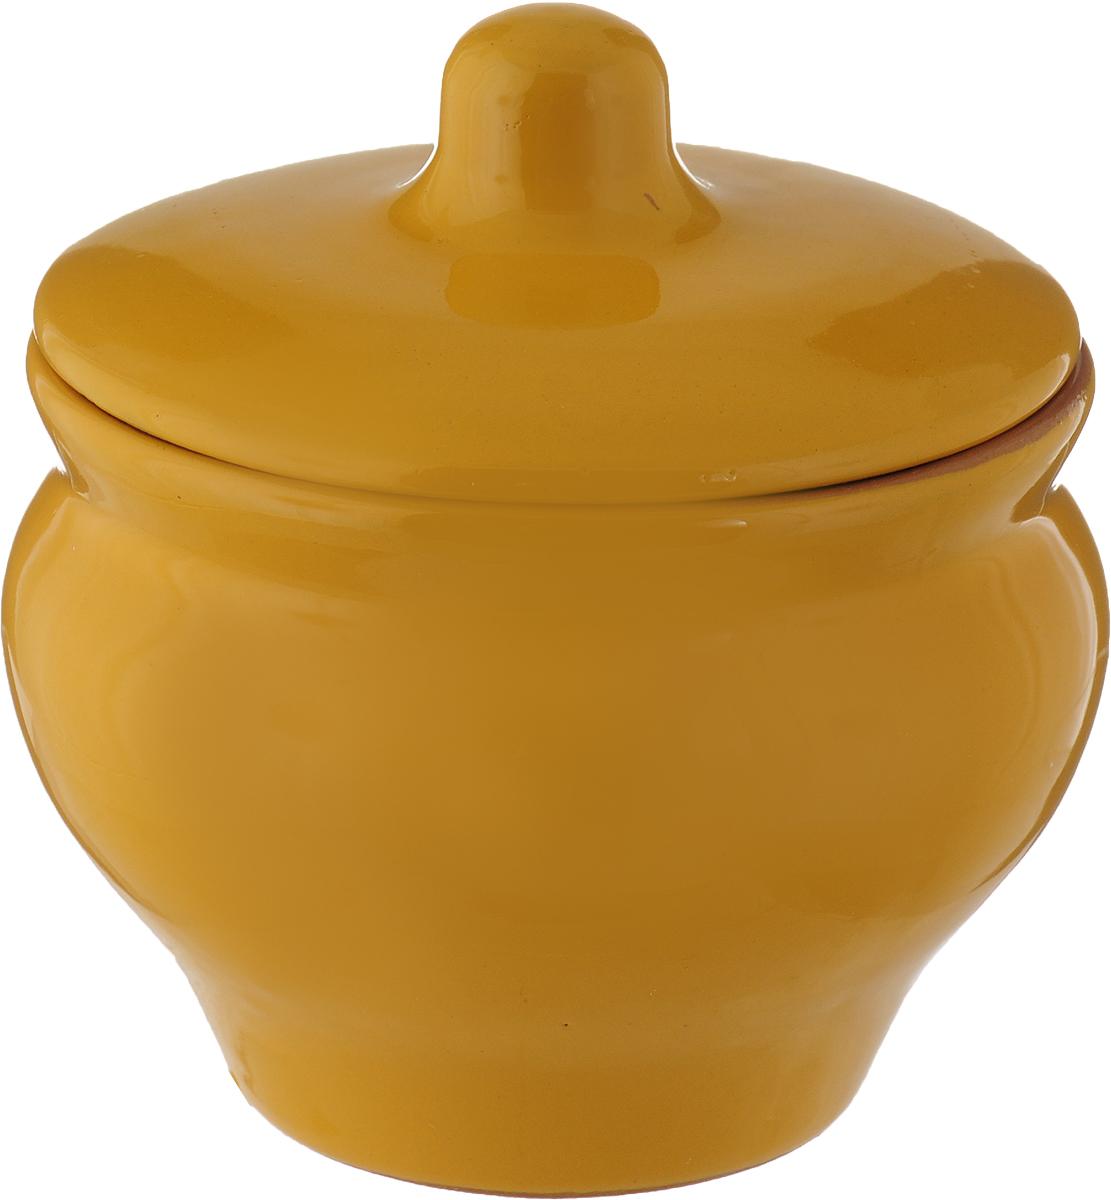 Горшочек для запекания Борисовская керамика Мечта хозяйки, цвет: темно-желтый, 350 мл горшочек для запекания борисовская керамика мечта хозяйки цвет зеленый розовый 350 мл